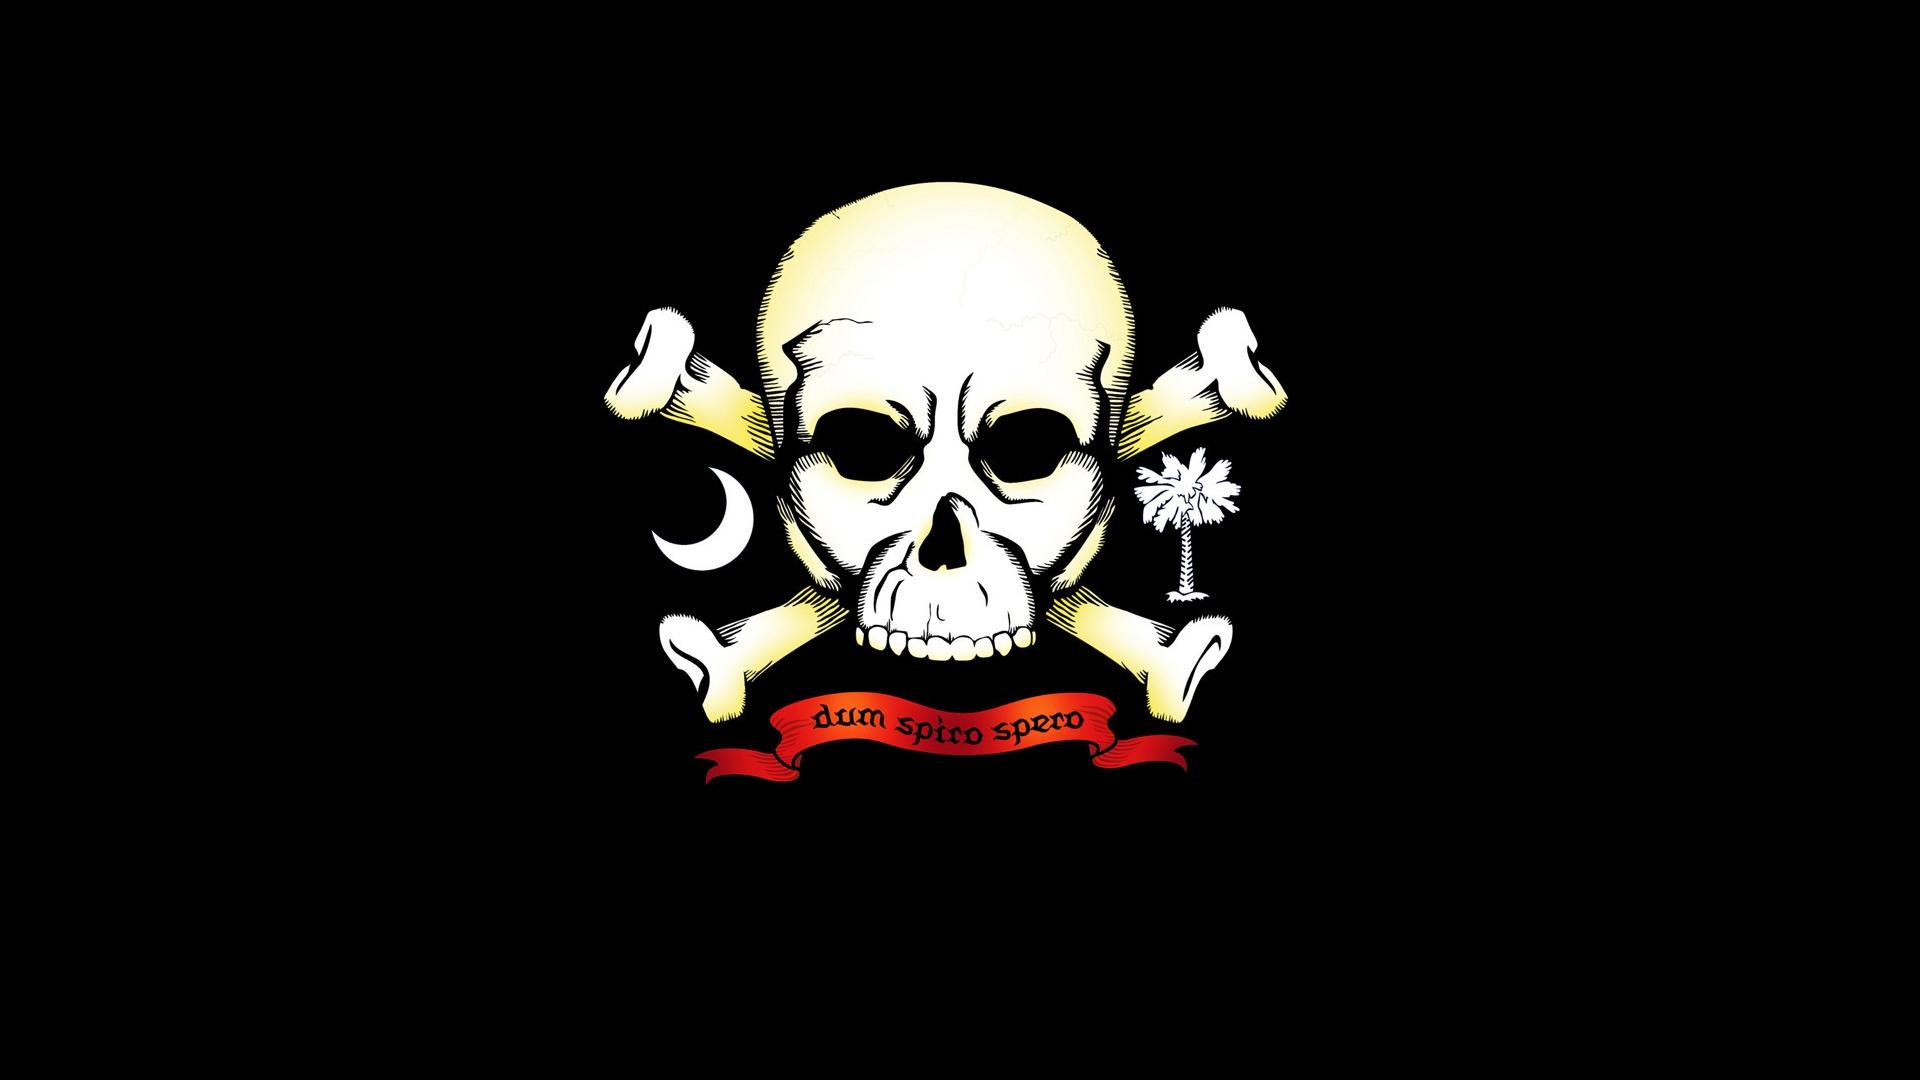 Skull And Bones Wallpaper: Skull HD Wallpaper